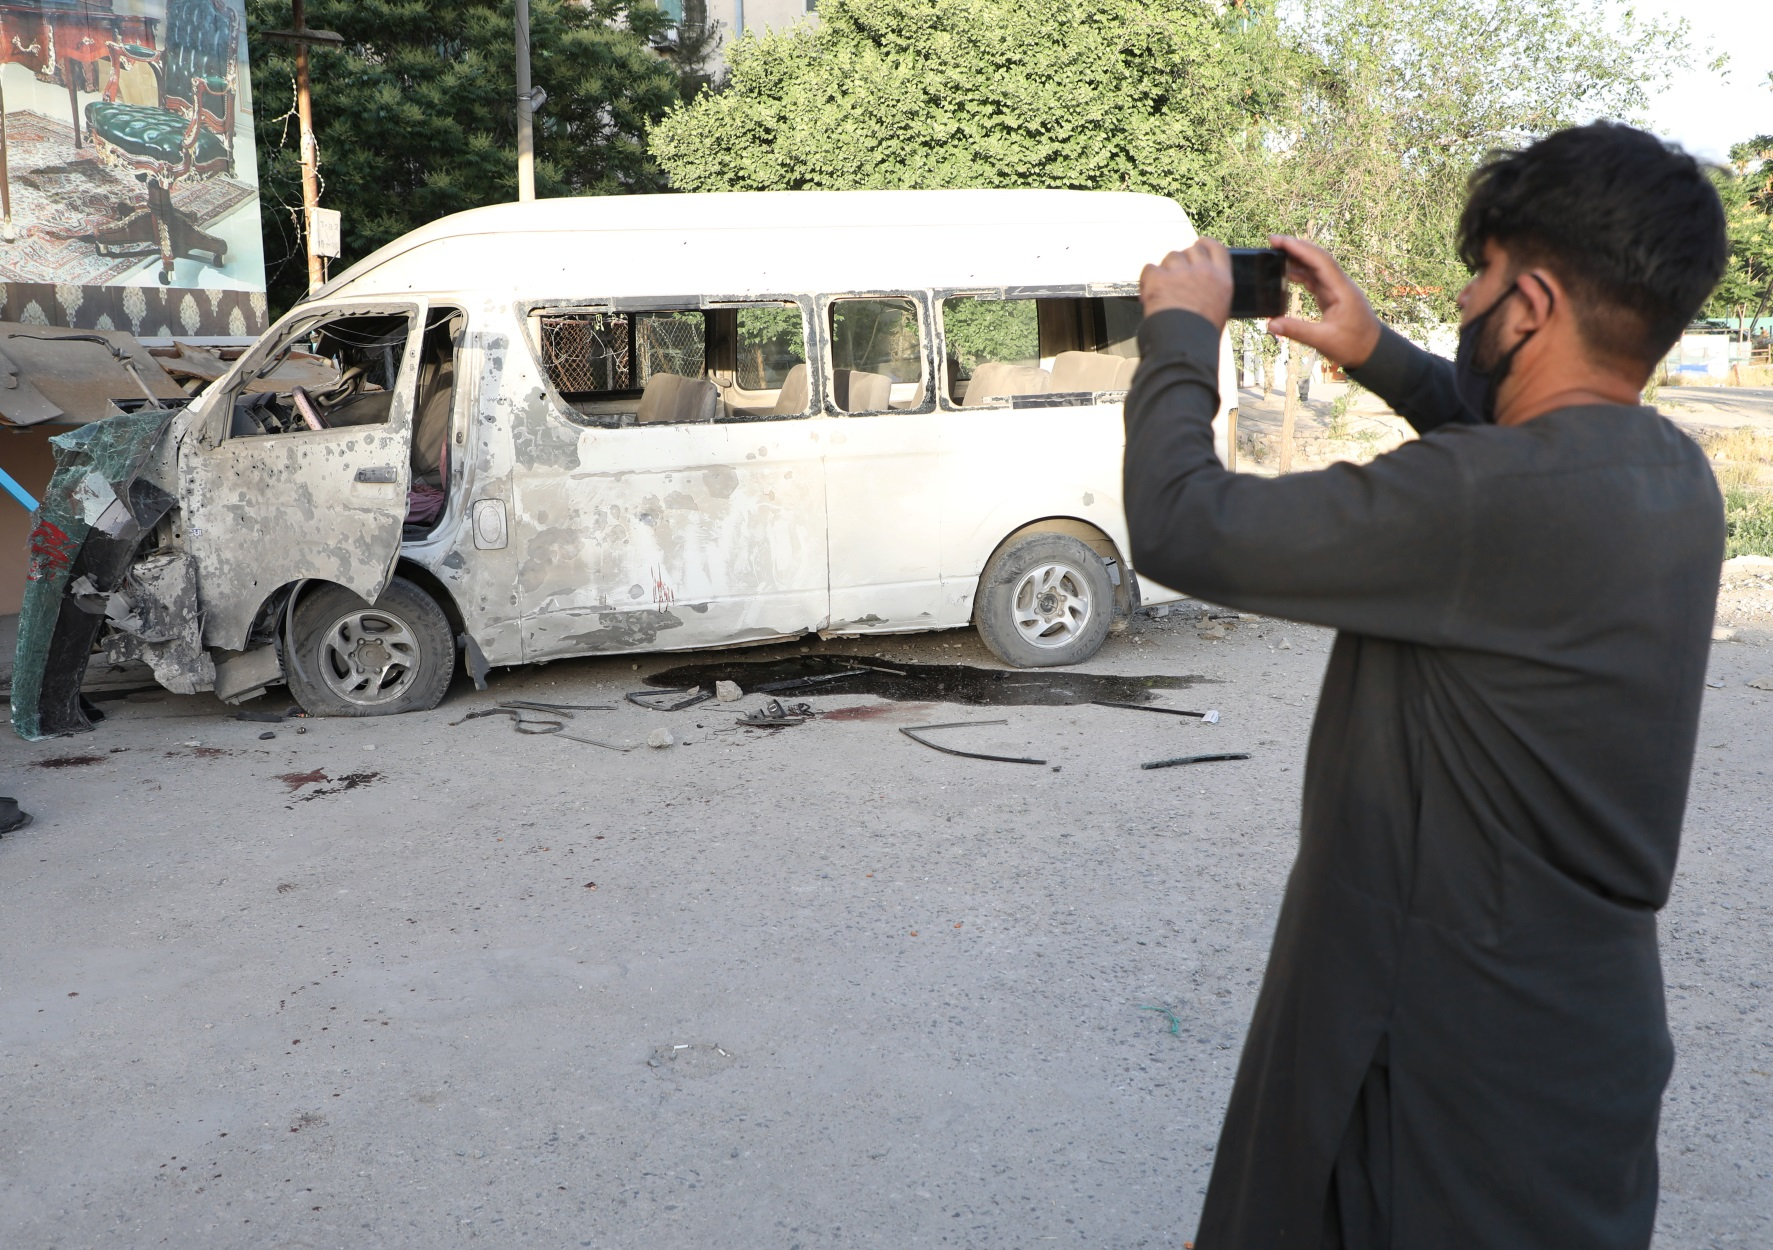 Μακελειό στο Αφγανιστάν: Τουλάχιστον 9 ανήλικοι σκοτώθηκαν από έκρηξη όλμου